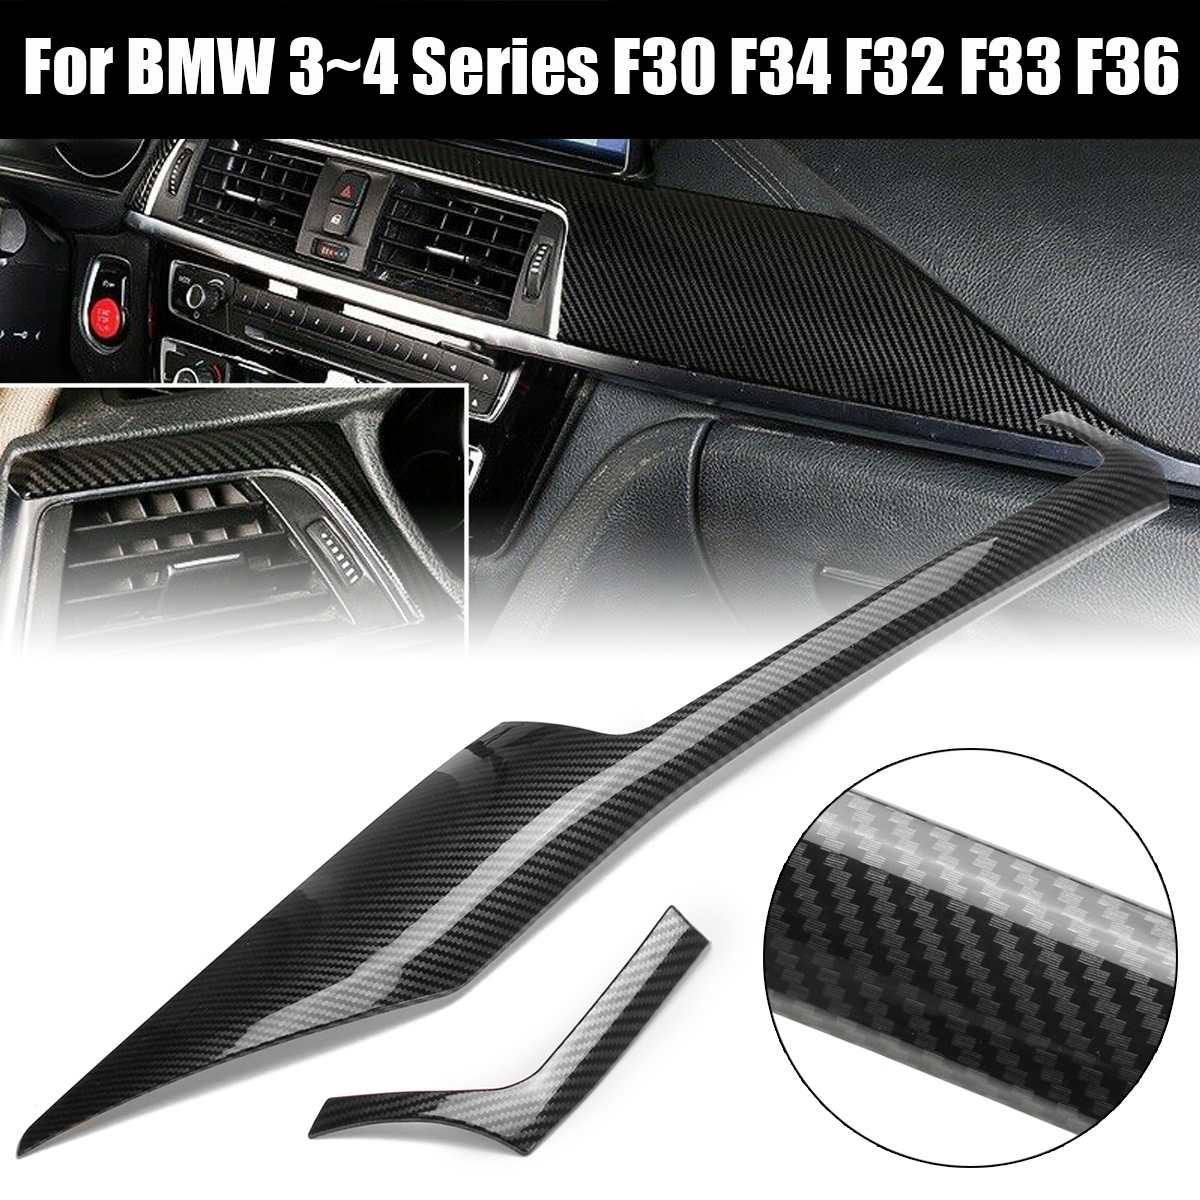 2 шт. углеродное волокно стиль Центральная панель управления отделка для BMW F30 F34 F32 F33 F36